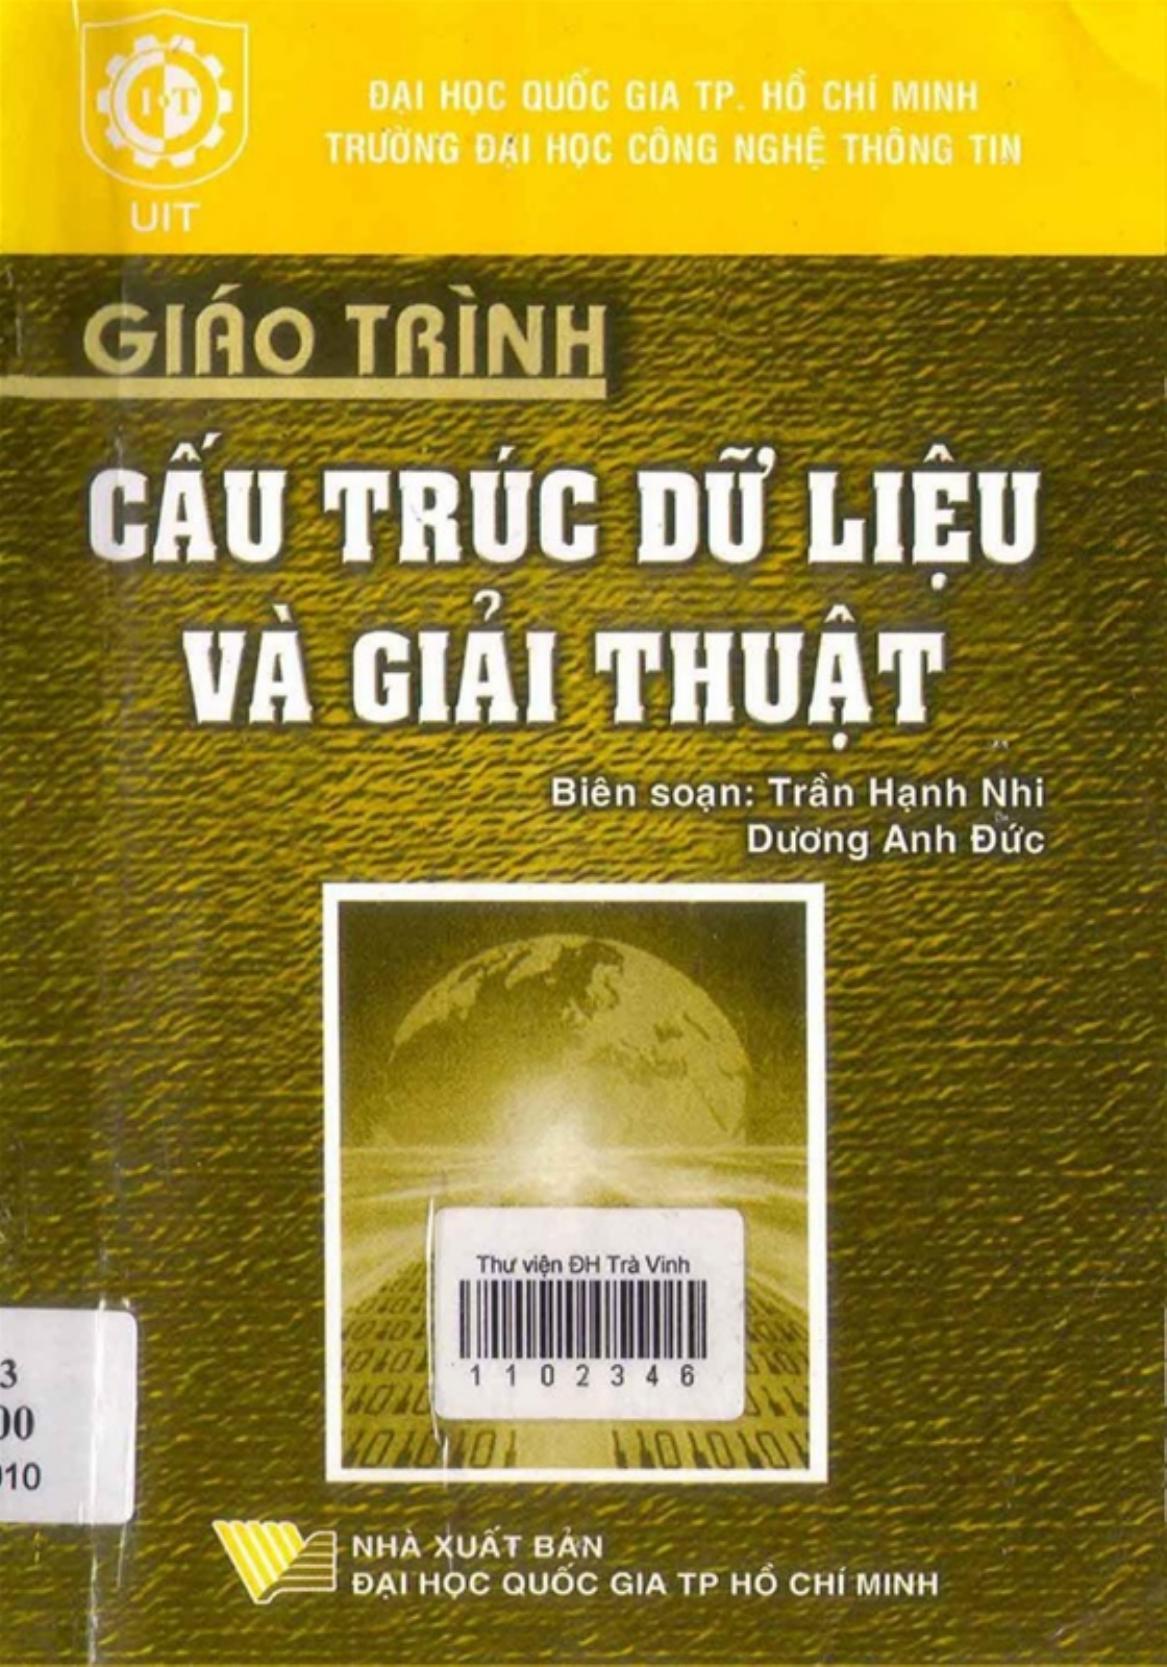 Giáo Trình Cấu Trúc Dữ Liệu Và Giải Thuật - Trần Hạnh Nhi & Dương Anh Đức